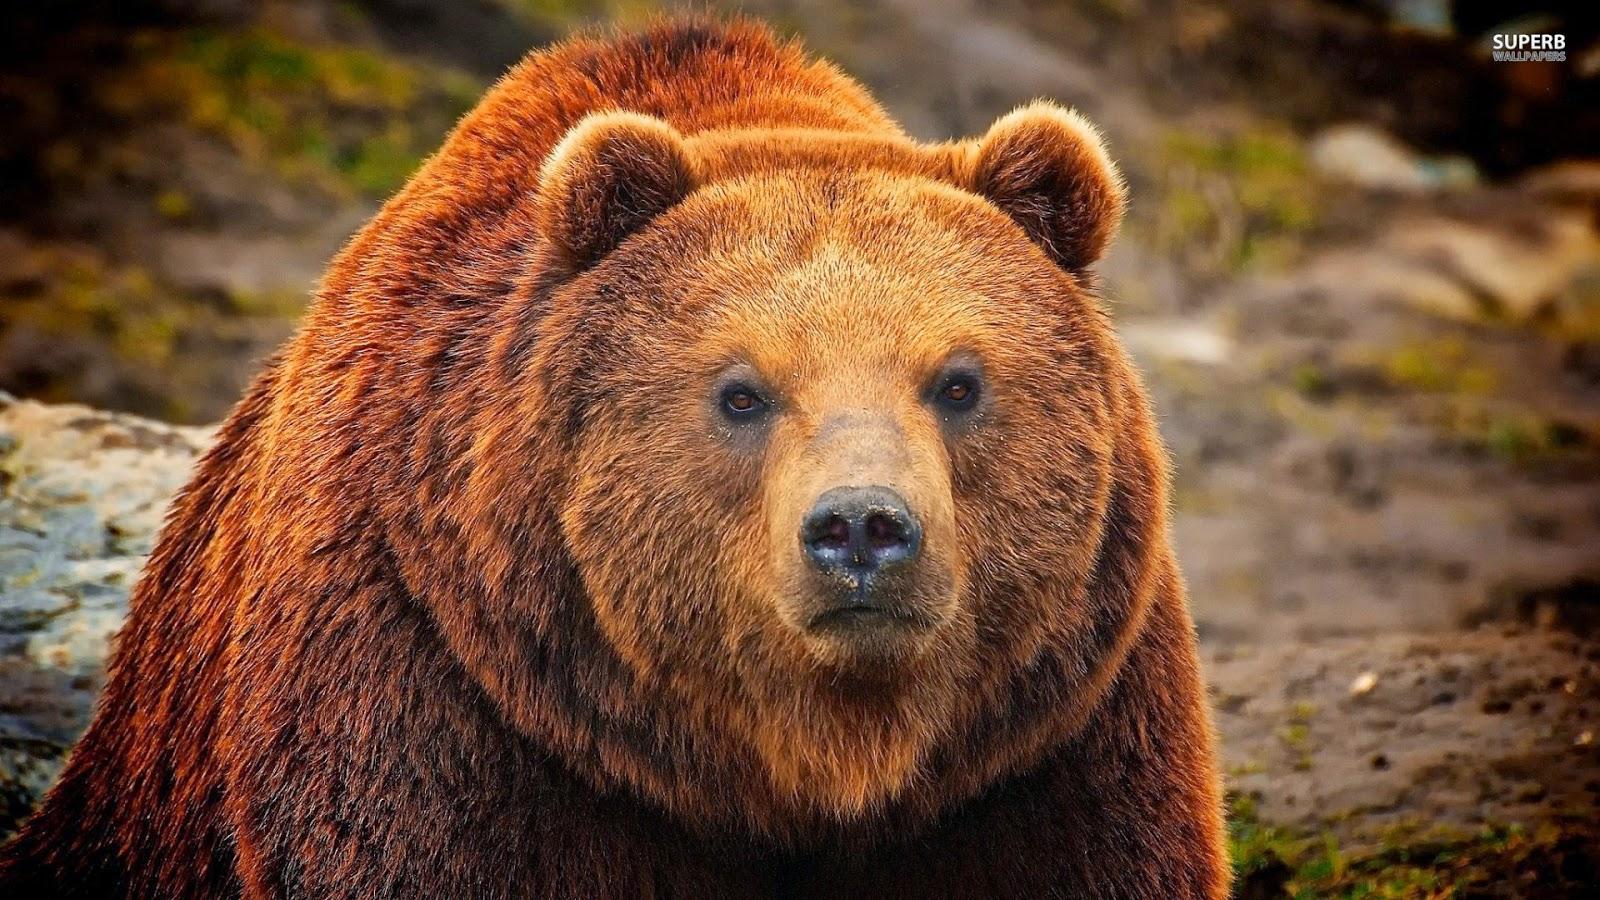 Animali Di Potere: Orso Bruno, Animale Di Potere E Totem